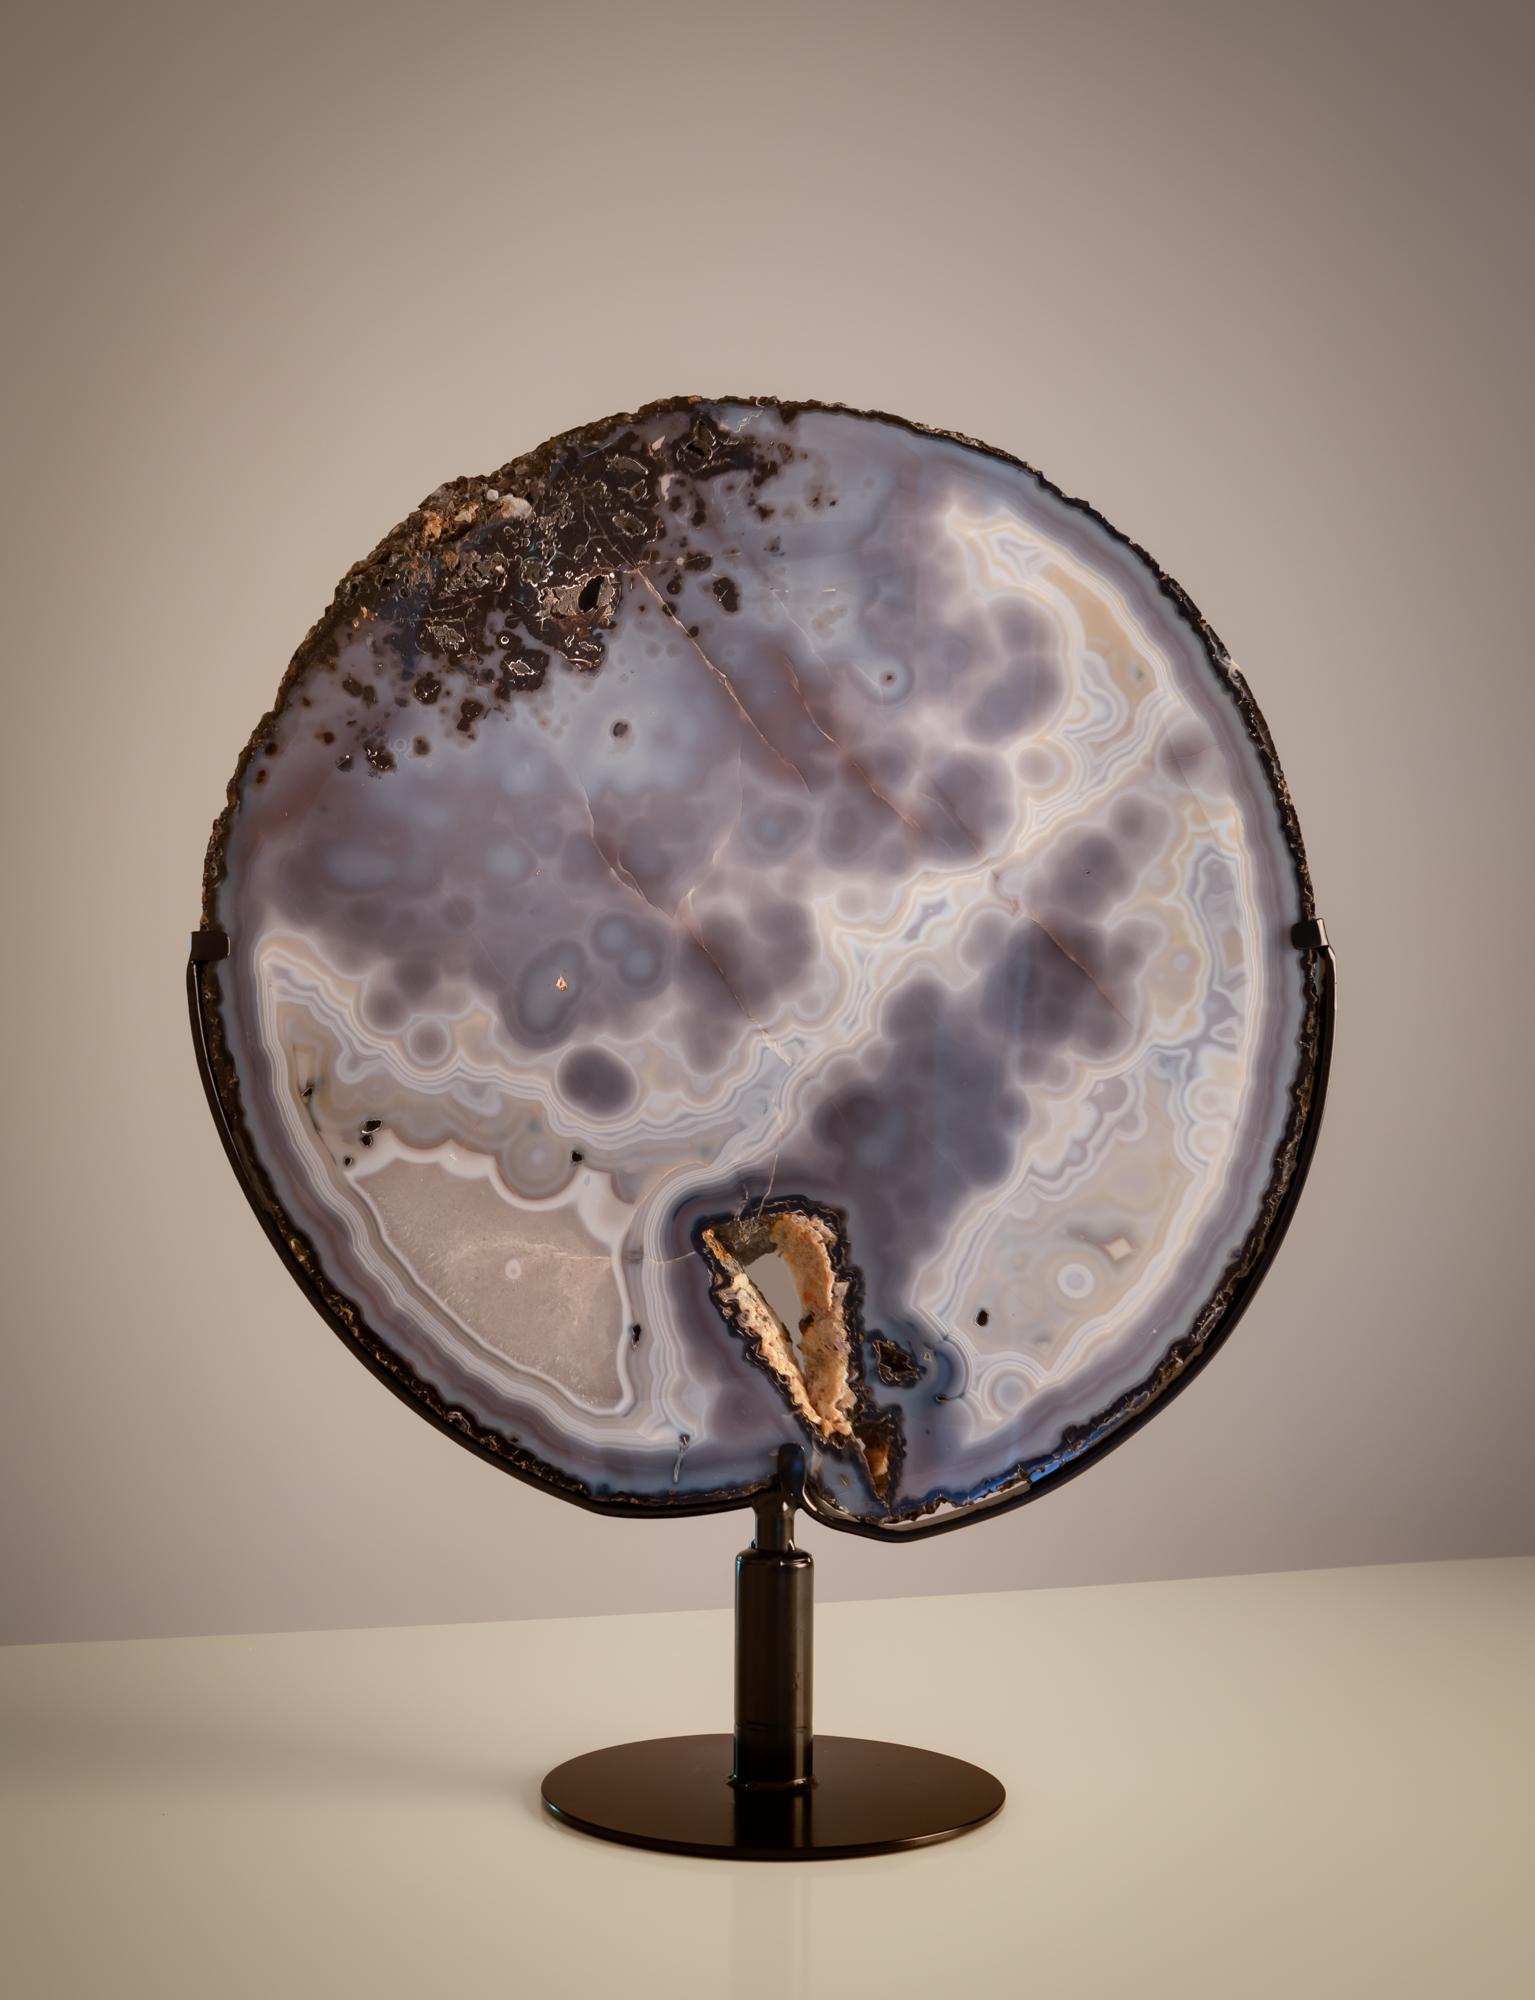 Agate by sculptor Dorit Schwartz